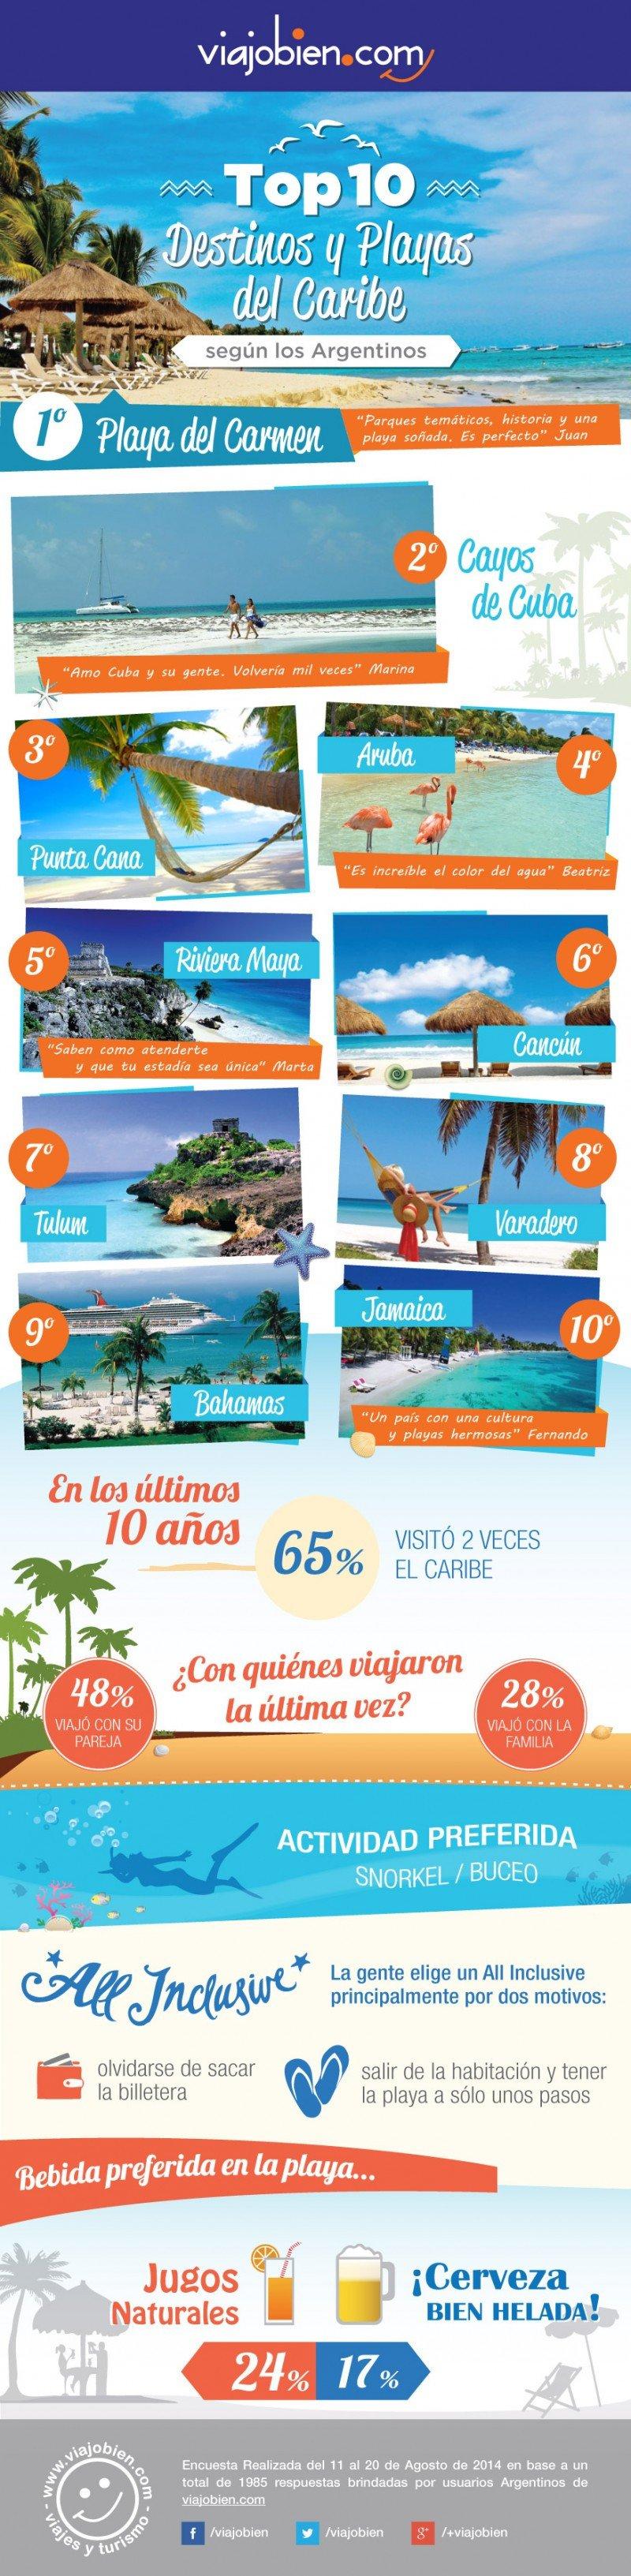 Las playas preferidas por los argentinos según Viajobien.